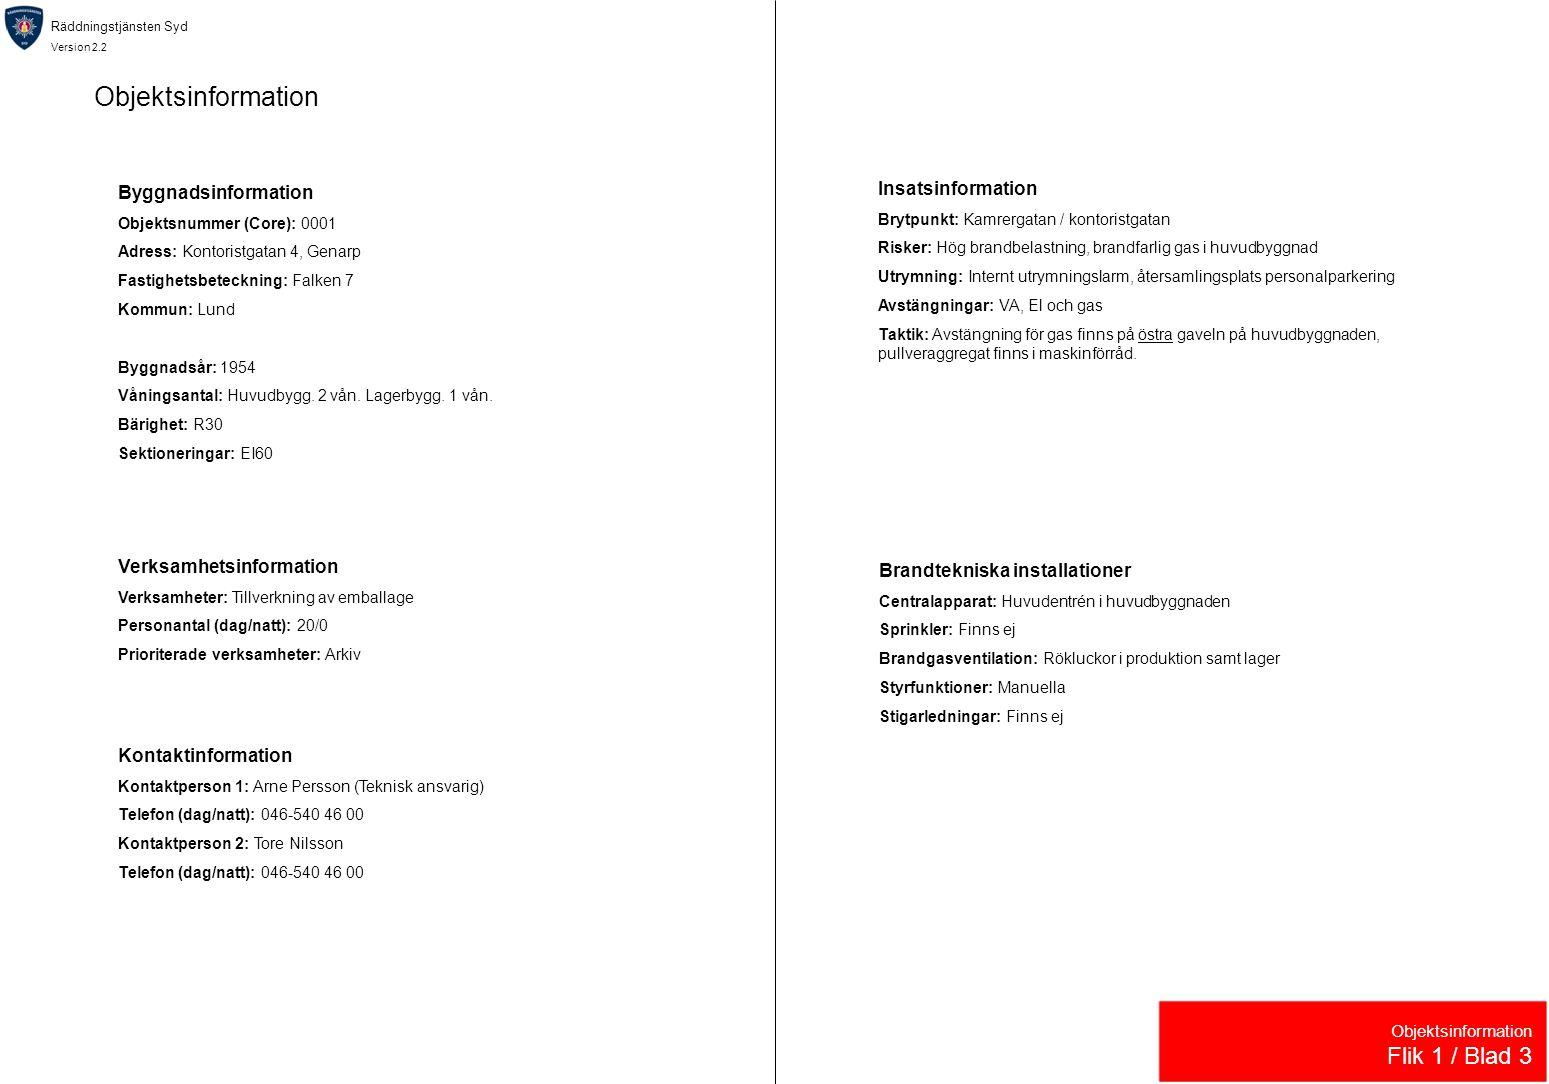 Räddningstjänsten Syd Version 2.2 Objektsinformation Flik 1 / Blad 3 Byggnadsinformation Objektsnummer (Core): 0001 Adress: Kontoristgatan 4, Genarp Fastighetsbeteckning: Falken 7 Kommun: Lund Byggnadsår: 1954 Våningsantal: Huvudbygg.